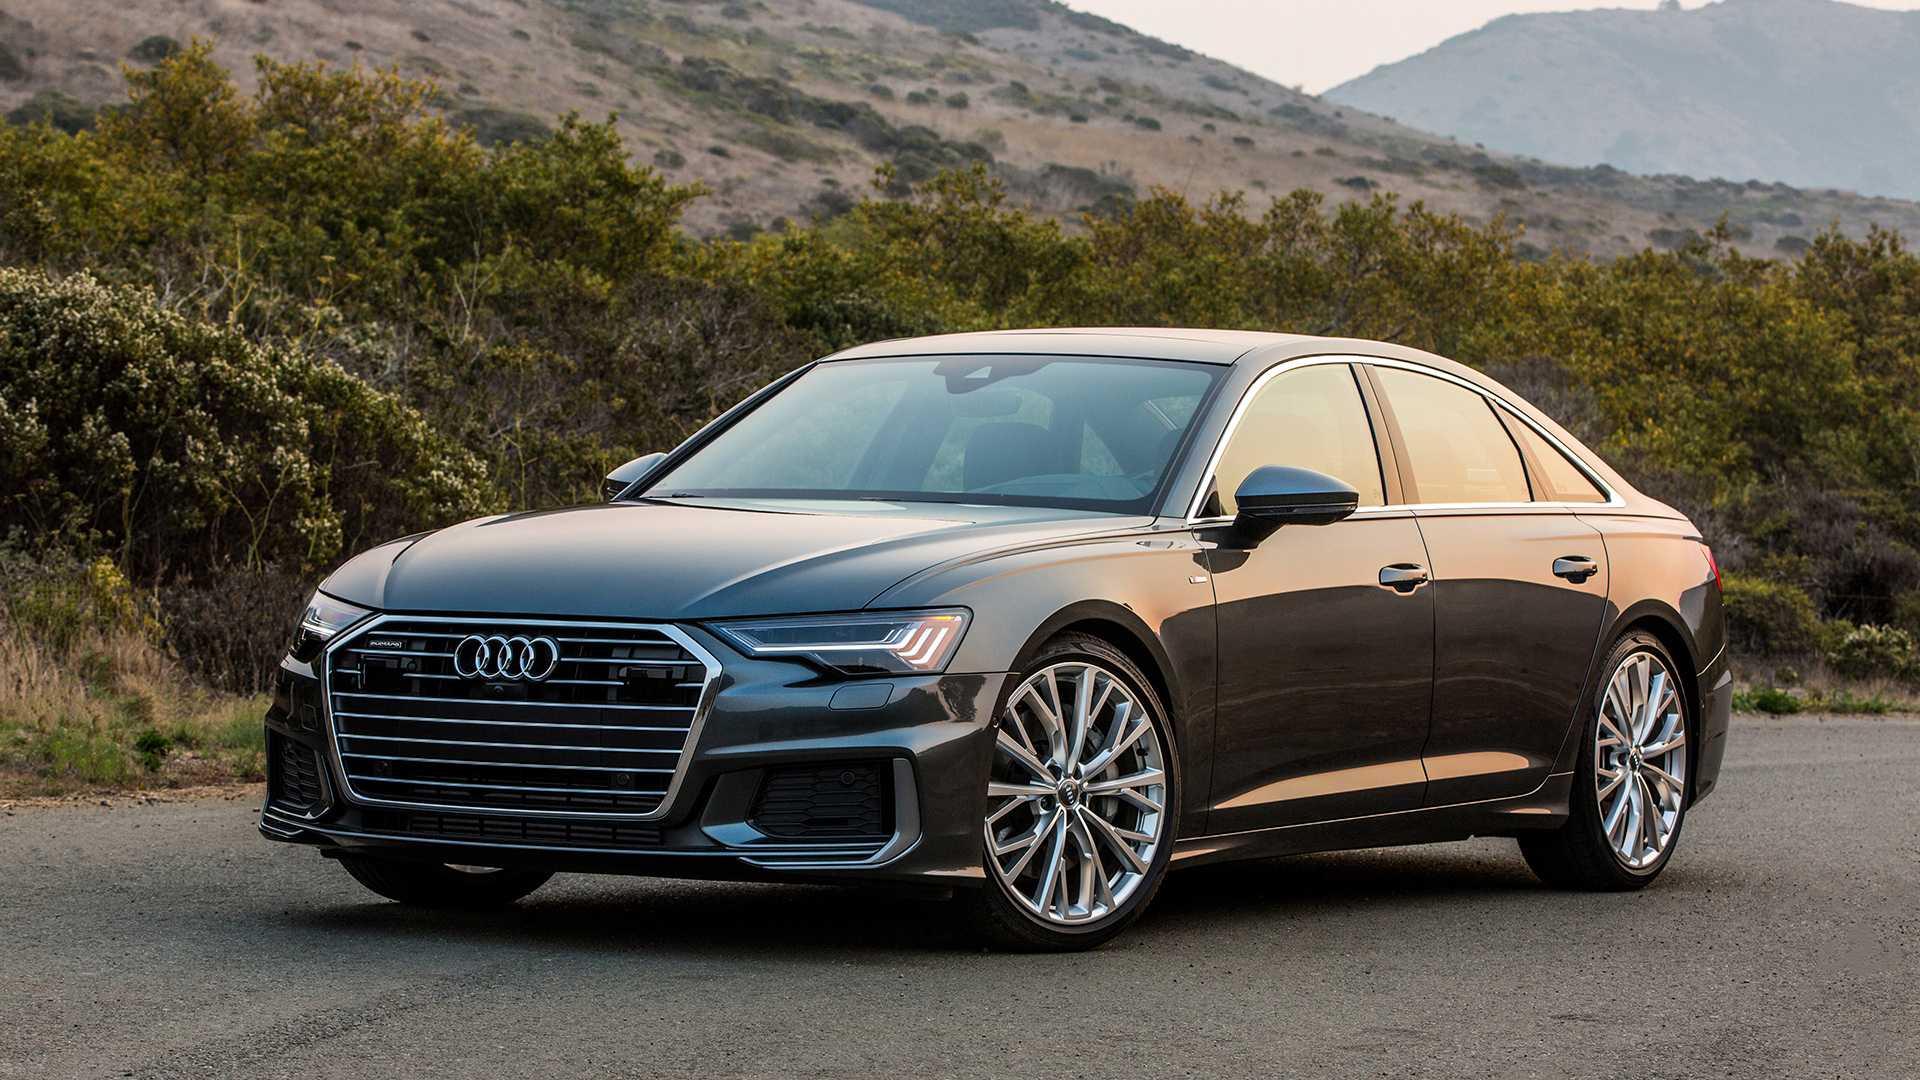 Yenilenen Audi A6 artık Türkiye pazarında! - Carviser